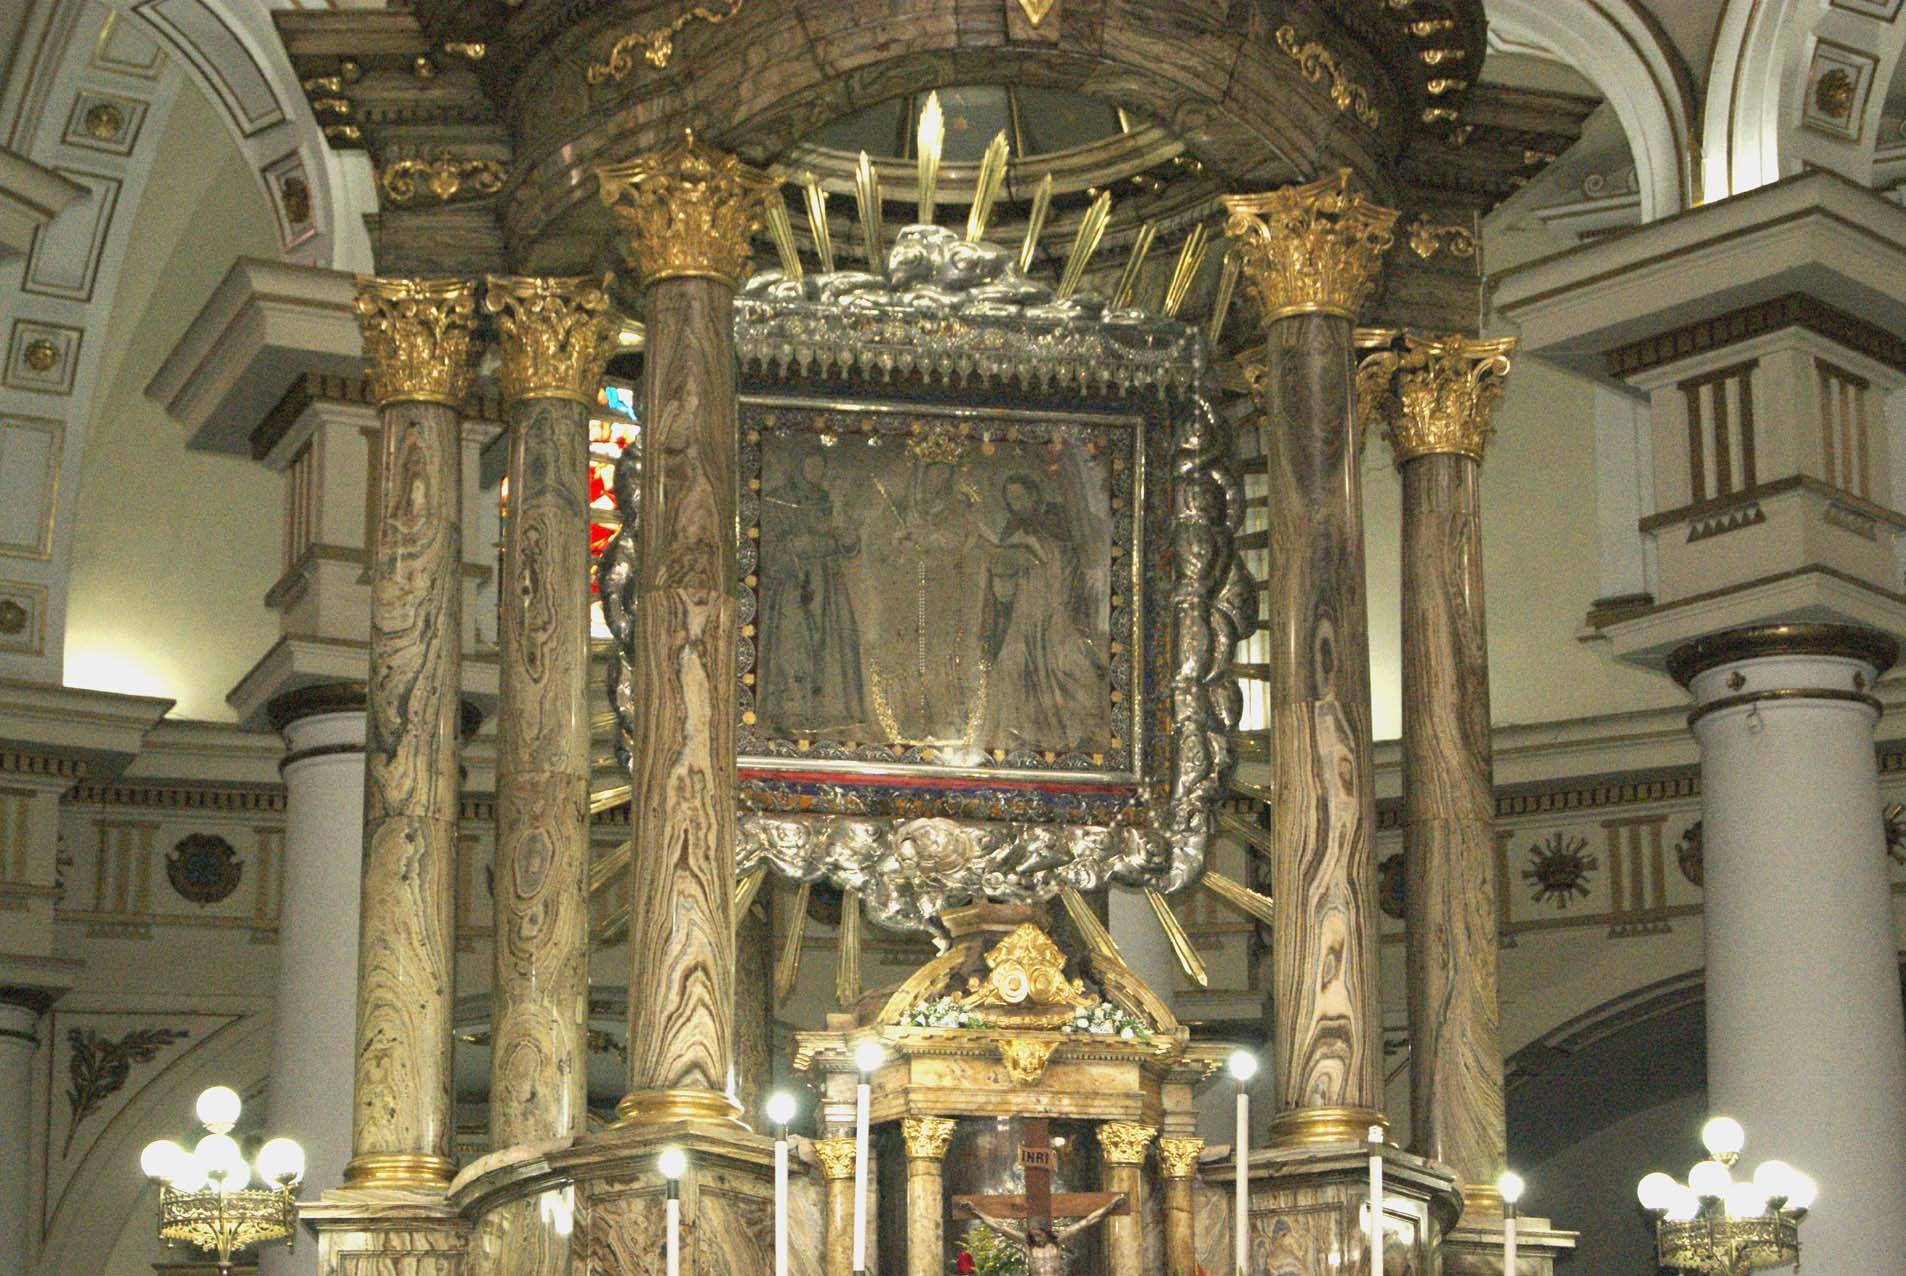 Nuestra Señora de Chiquinquirá Baja del Cuadro, Colombia (9 jul, 26 dic)